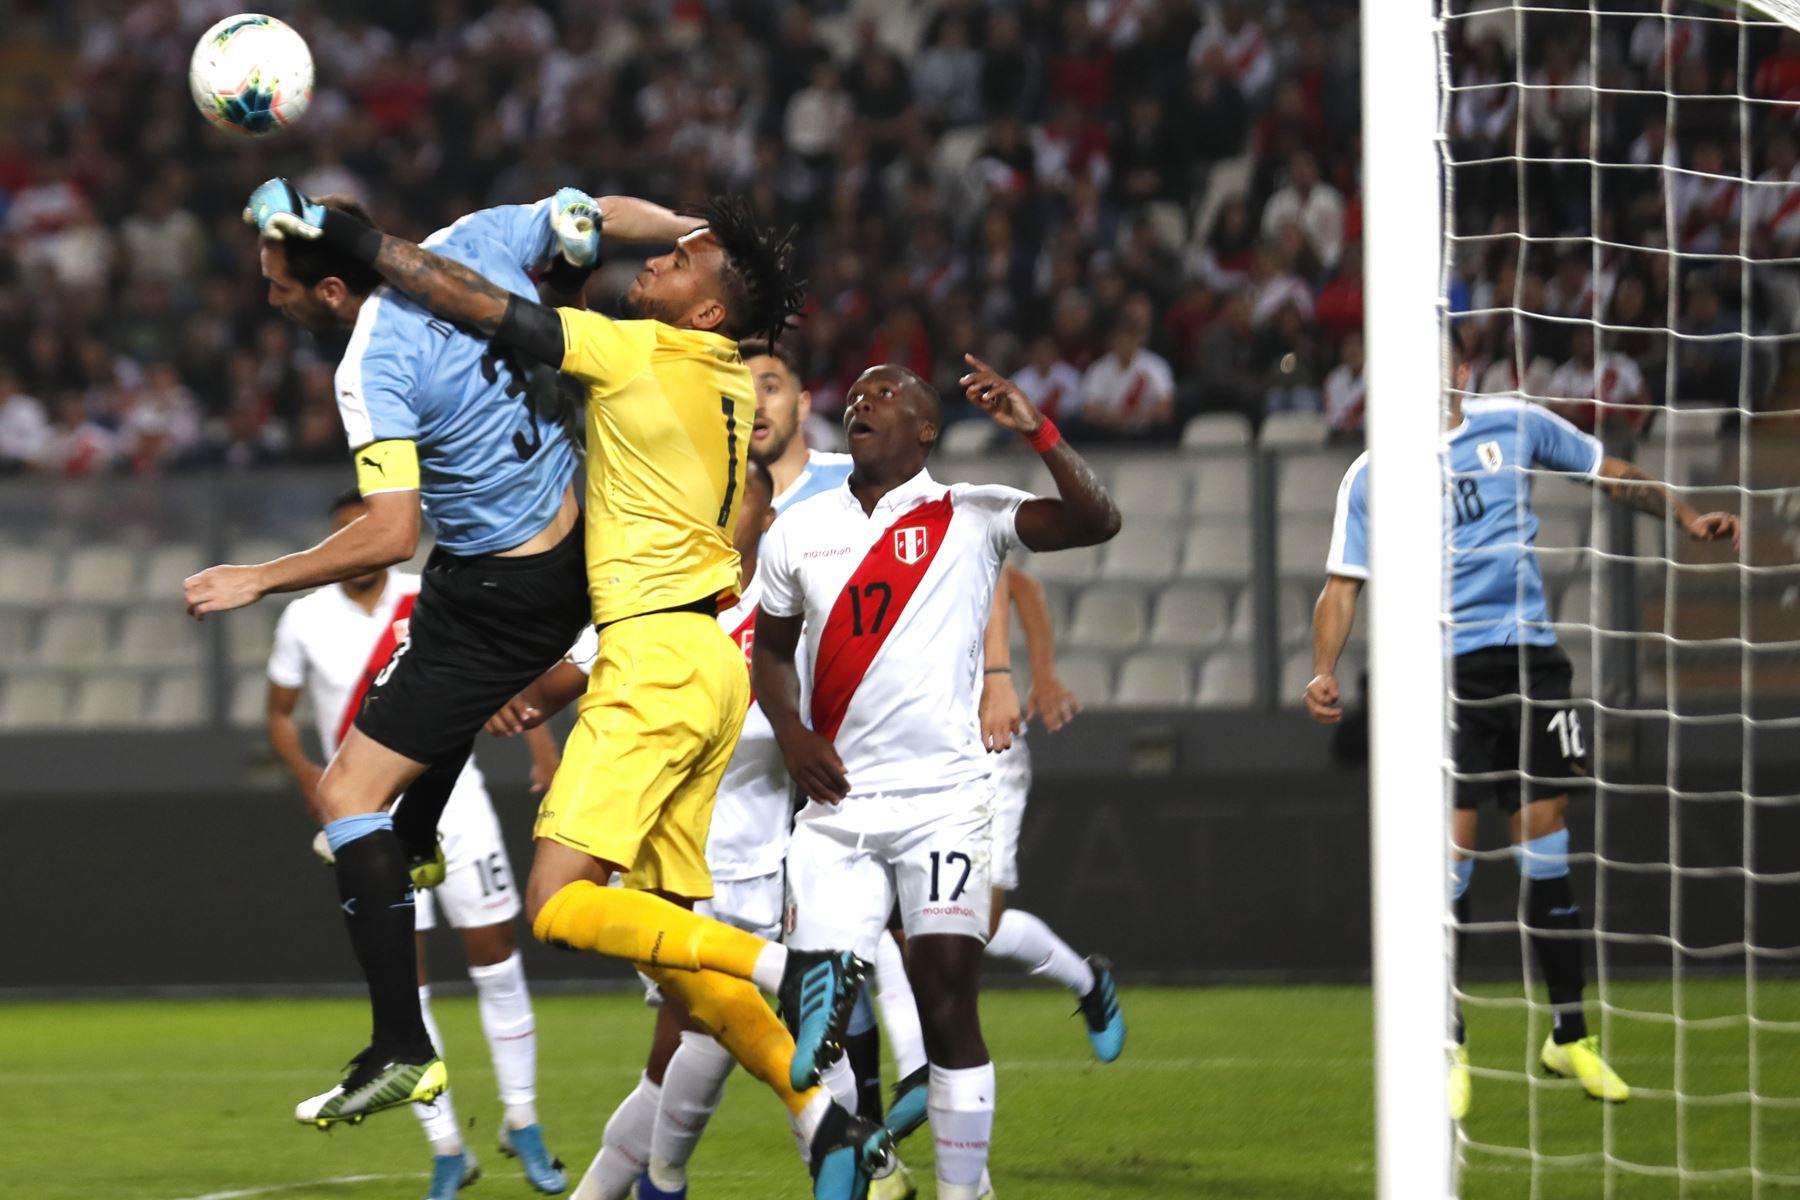 El portero Pedro Gallese de Perú disputa la pelota con Diego Godin de Uruguay durante el partido amistoso en el que Perú gana 1-0, Estadio Nacional de Lima. Foto: ANDINA/ Carlos Lezama